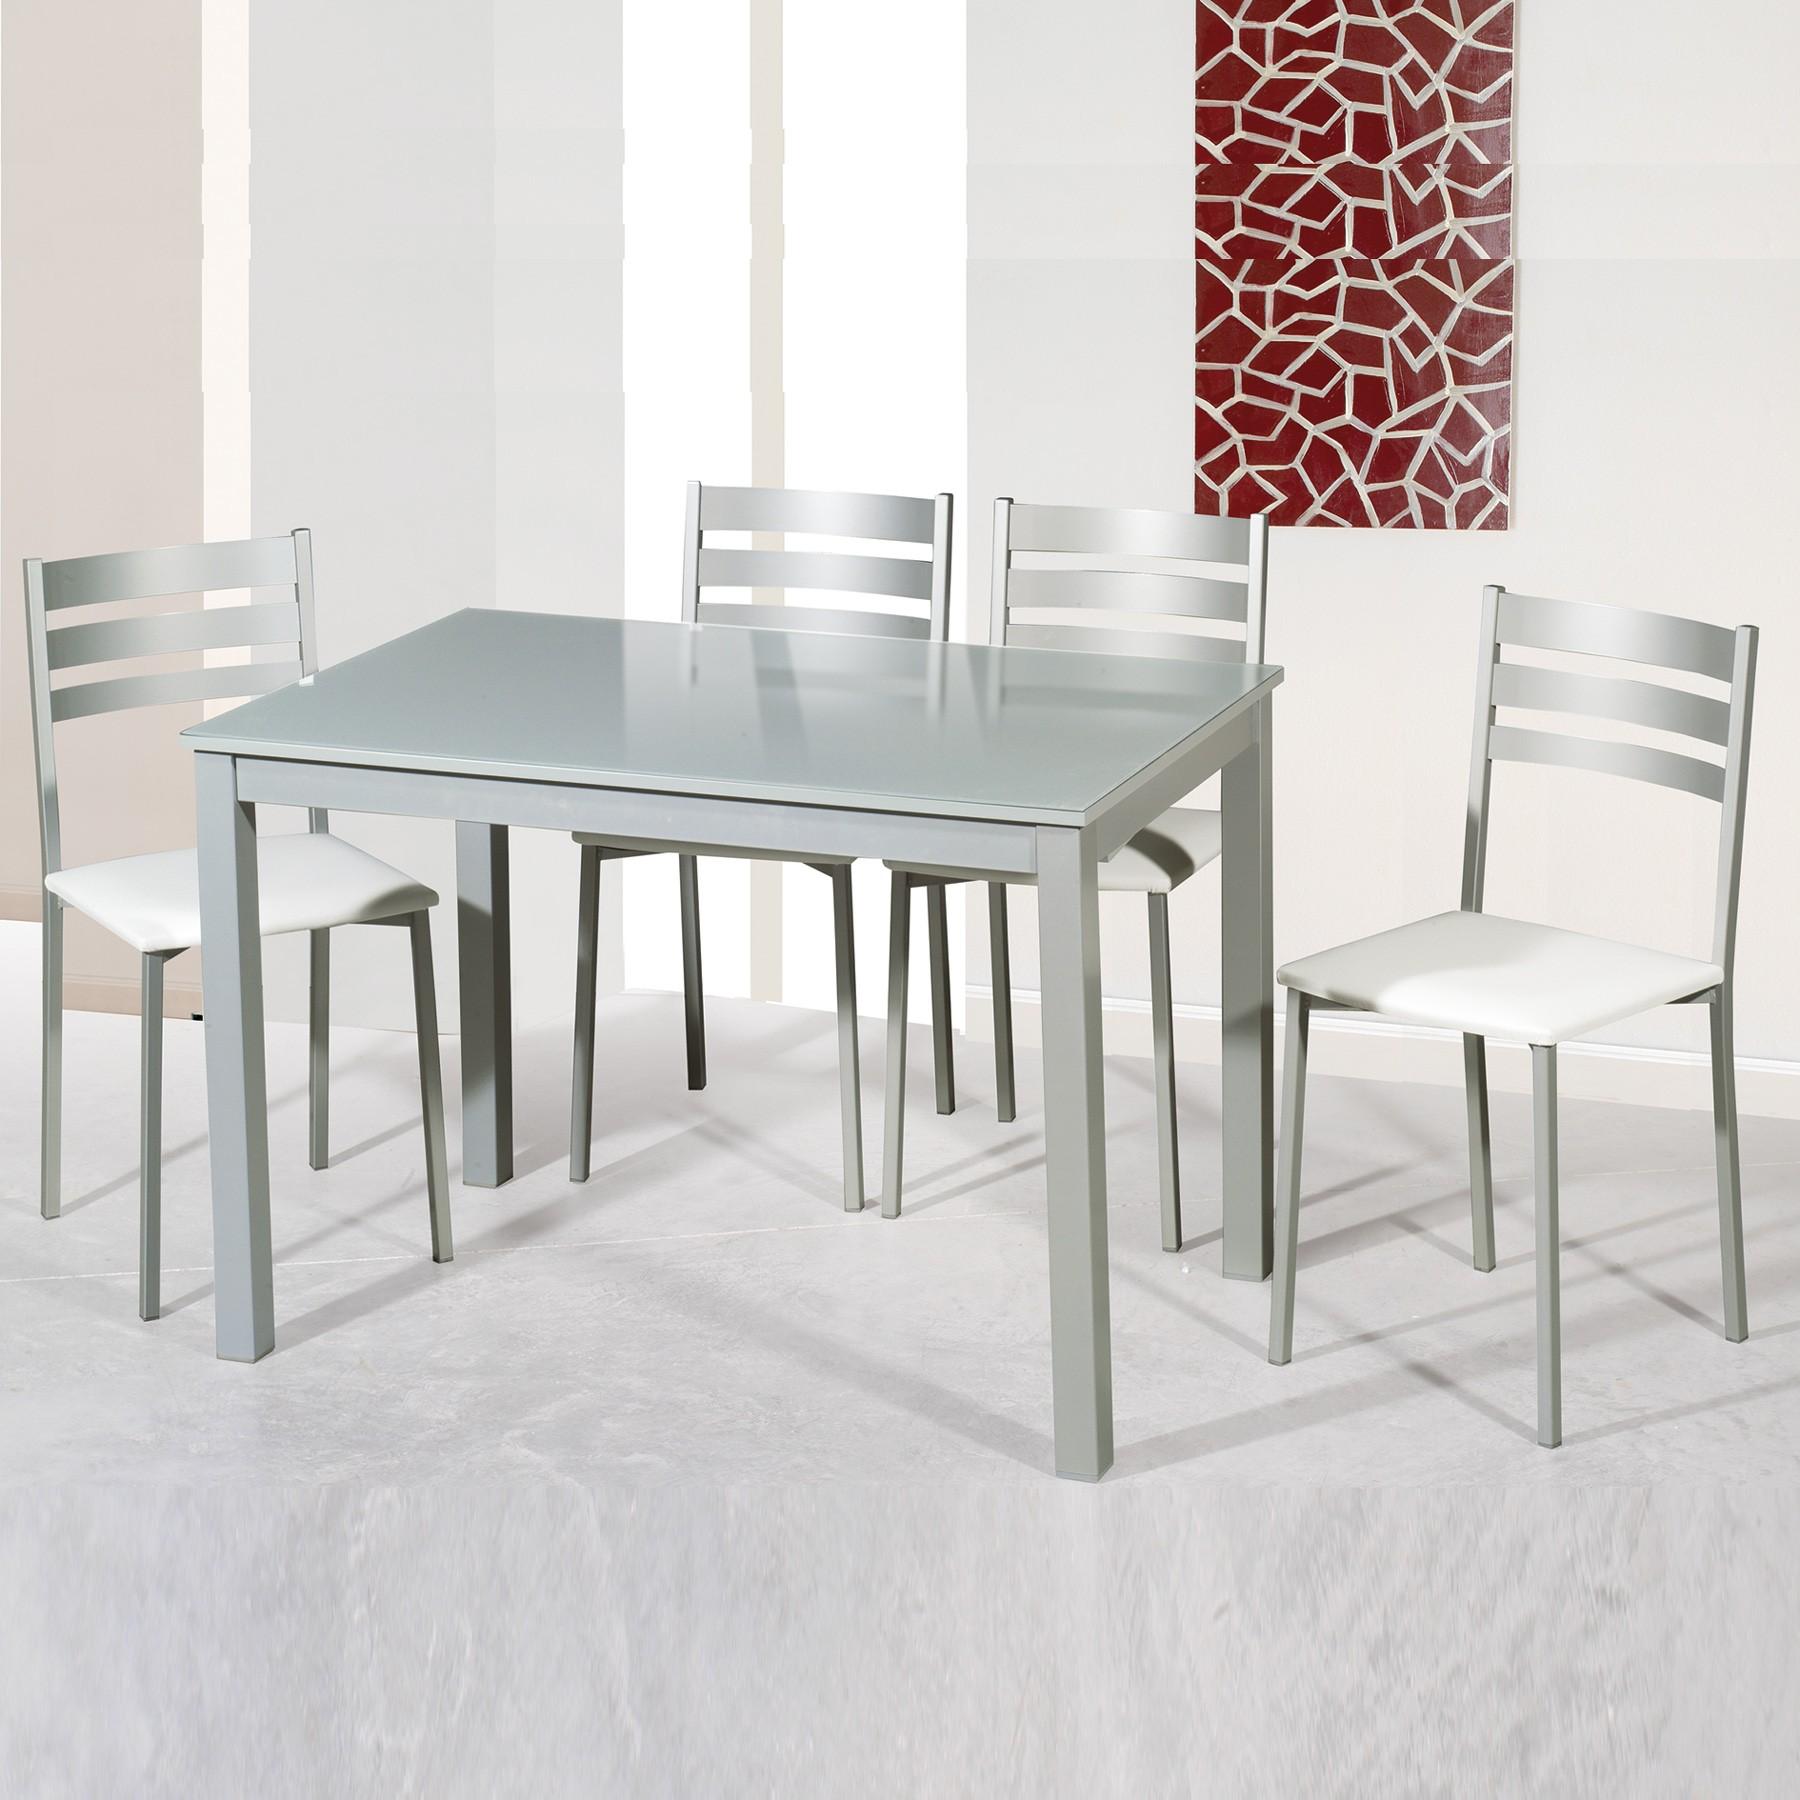 Genial mesa sillas comedor galer a de im genes mesas y - Sillas comedor diseno ...